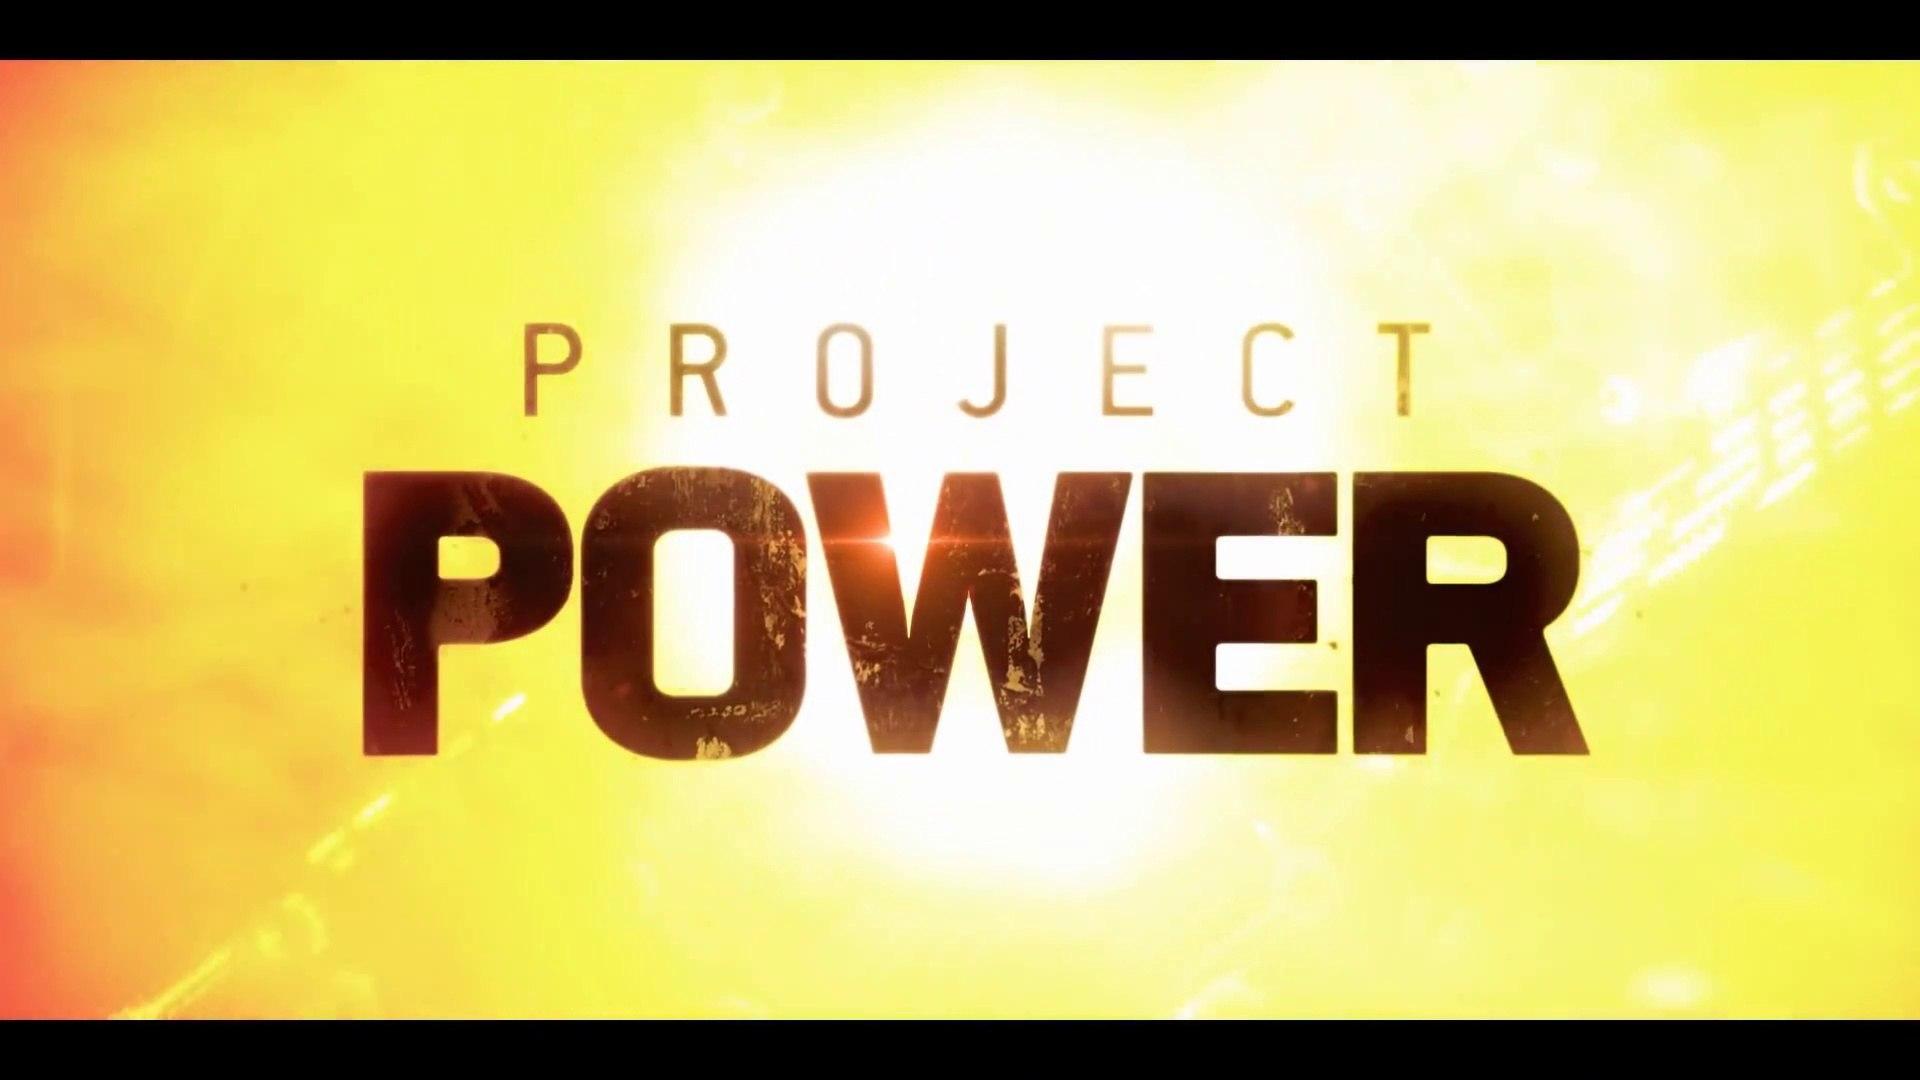 Bande annonce de Project Power prochainement sur Netflix